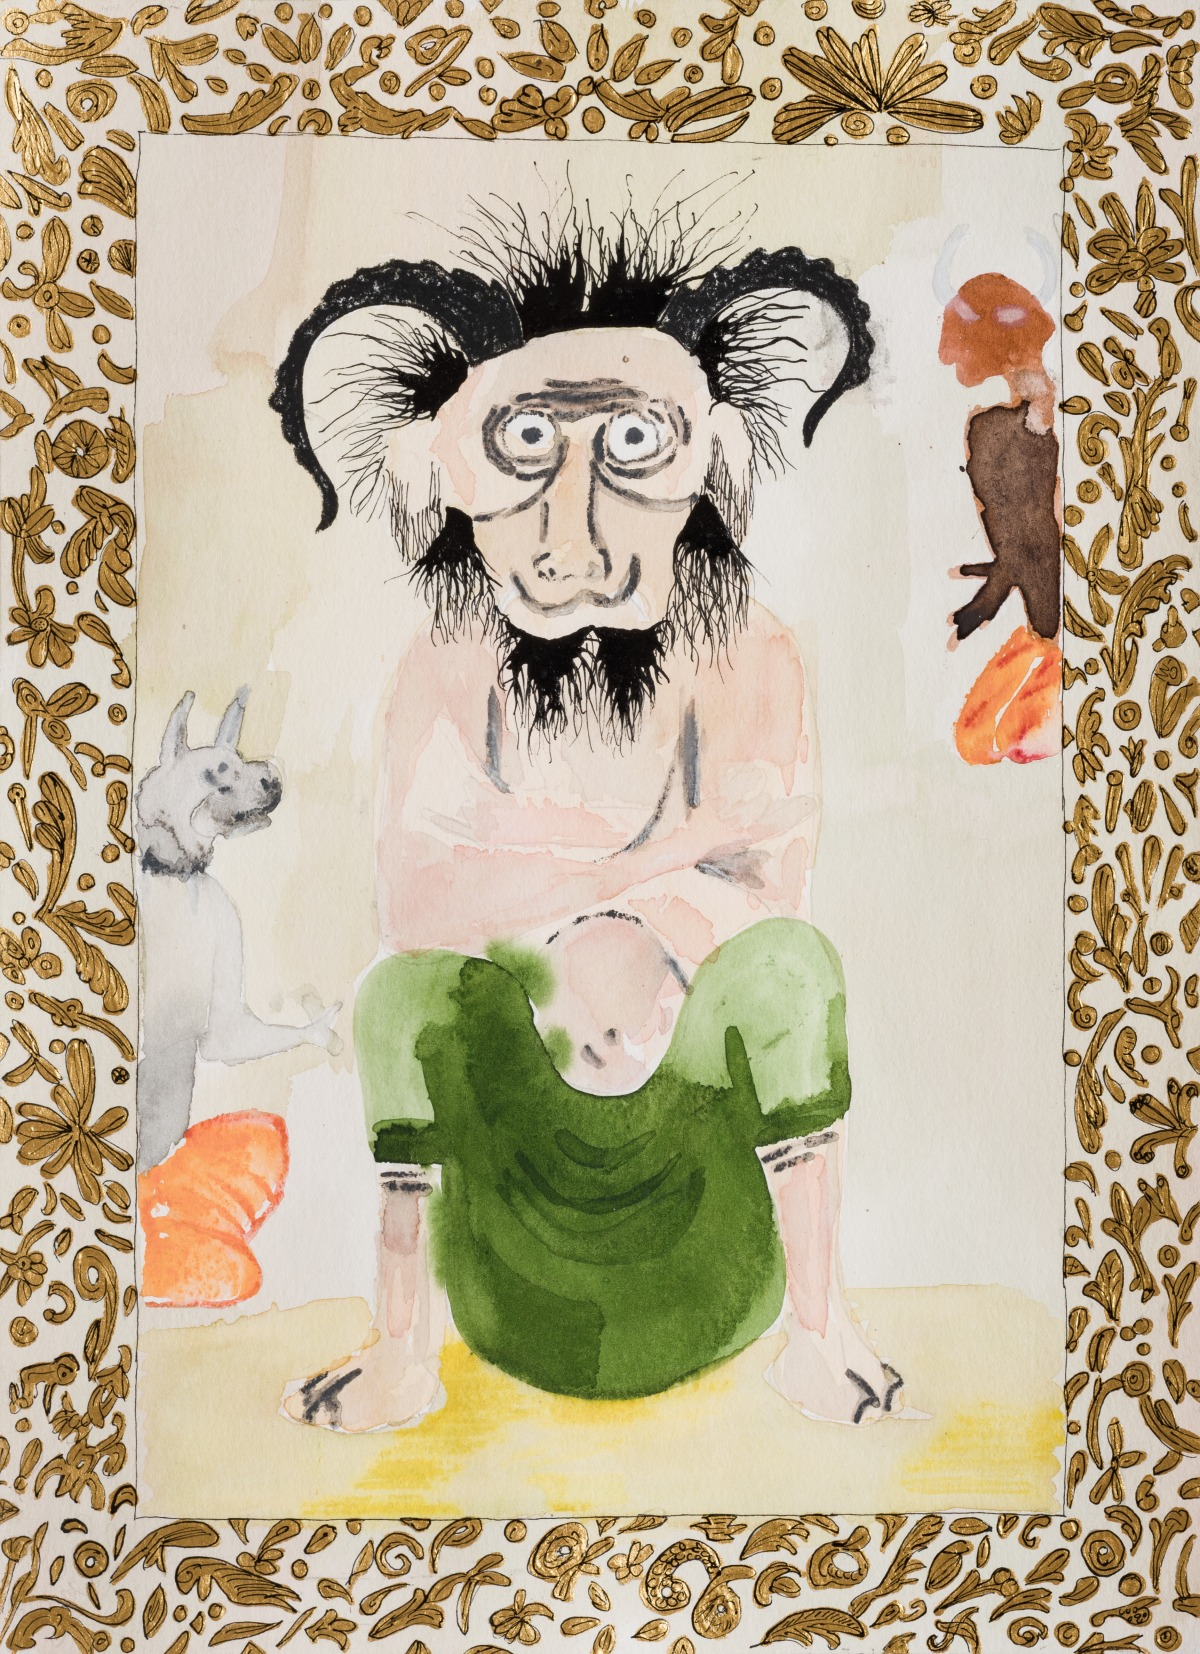 אלהם רוקני, Iblis I, 2017, טכניקה מעורבת על נייר, מתוך הספר ״סיפורי עם מאריתראה וסודן״